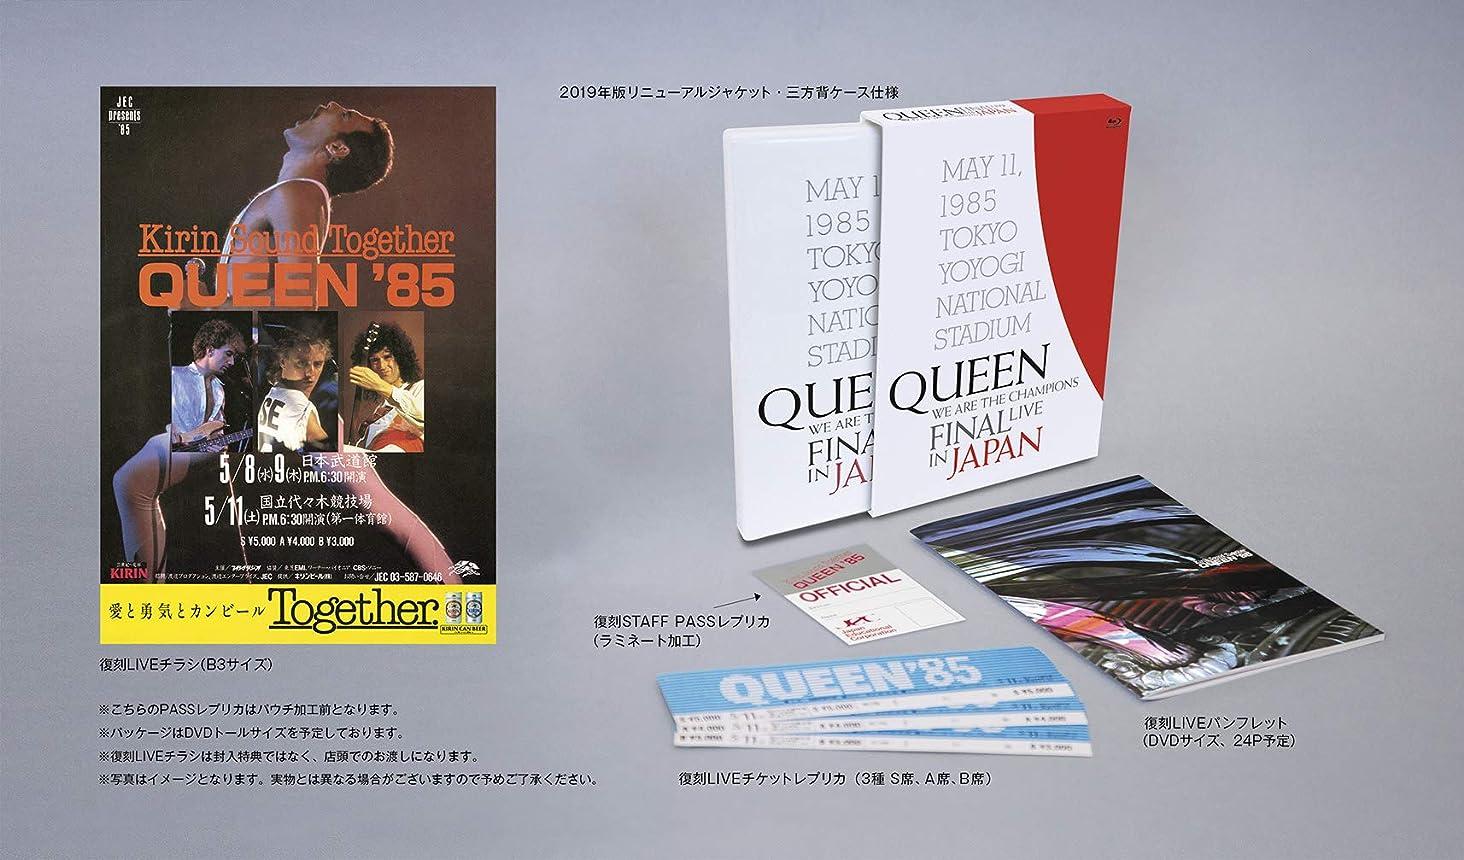 クレアアンデス山脈素人【メーカー特典あり】WE ARE THE CHAMPIONS FINAL LIVE IN JAPAN(初回限定盤BD+豪華特典+三方背ケース+解説書付き)(復刻LIVEチラシ(B3サイズ)付) [Blu-ray]